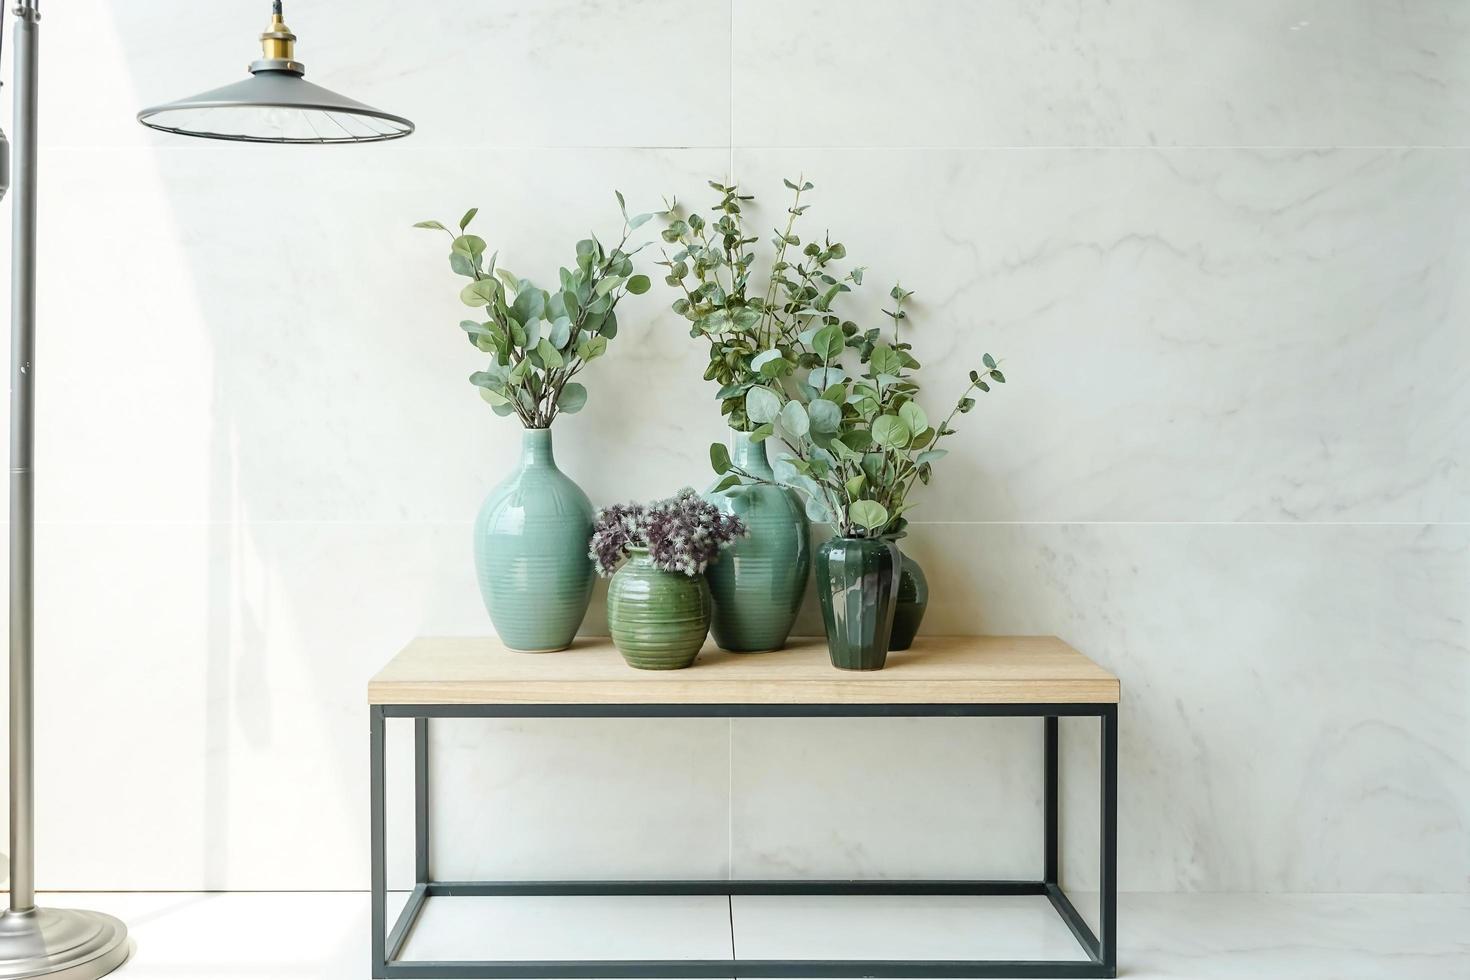 groupe de belle plante d'intérieur avec pot de fleur sur table en bois et fond de marbre blanc. photo